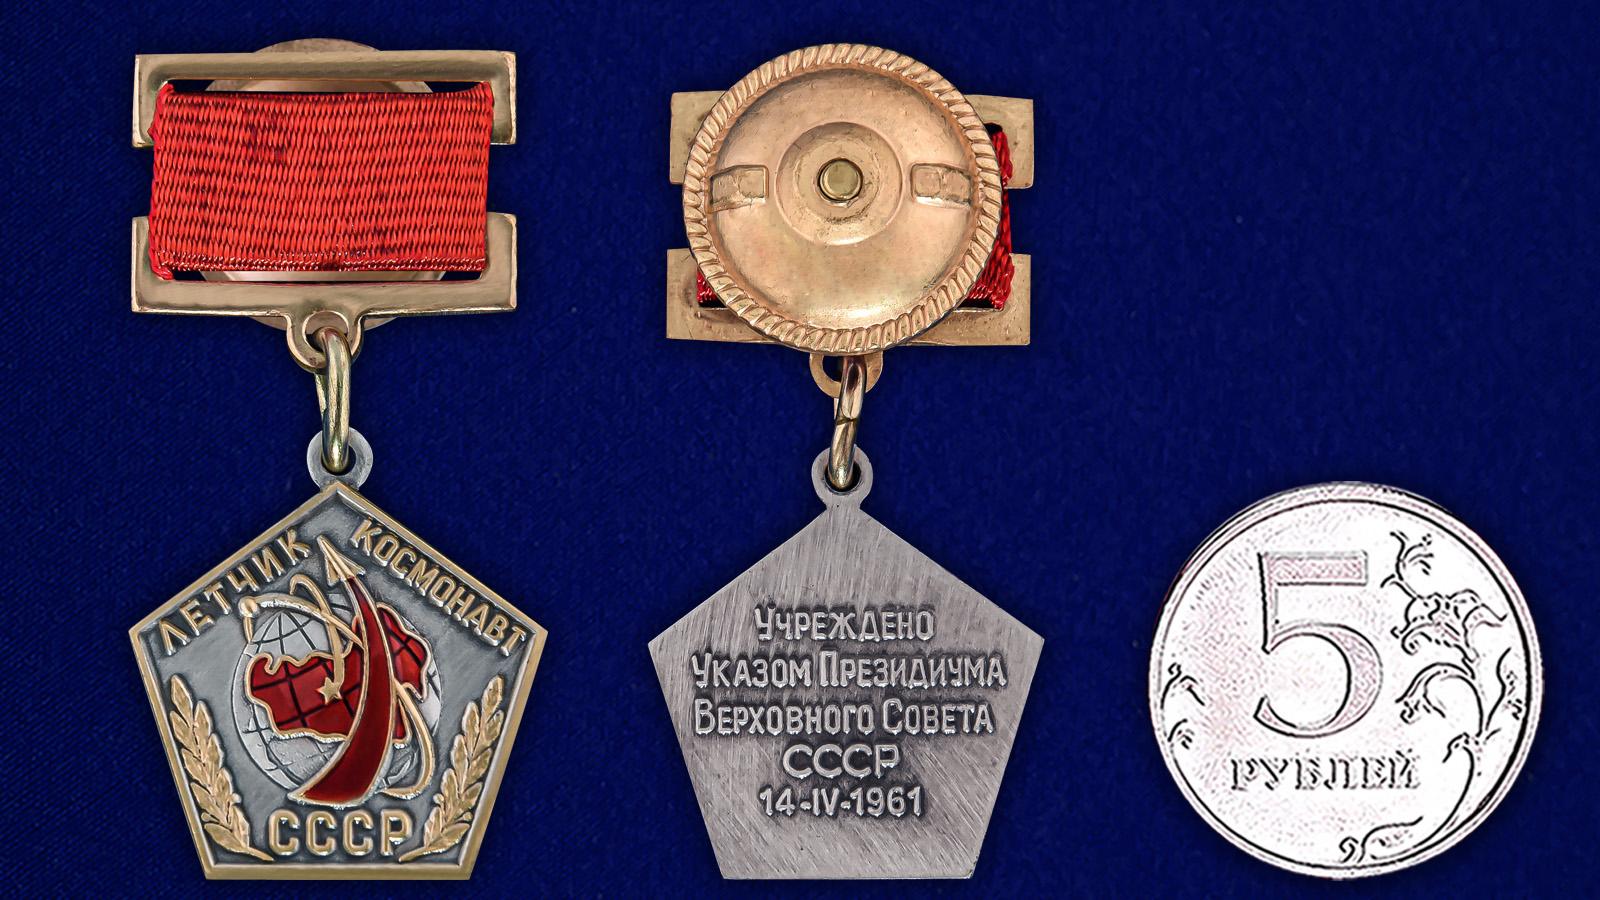 Нагрудный знак Летчик космонавт СССР - сравнительный вид